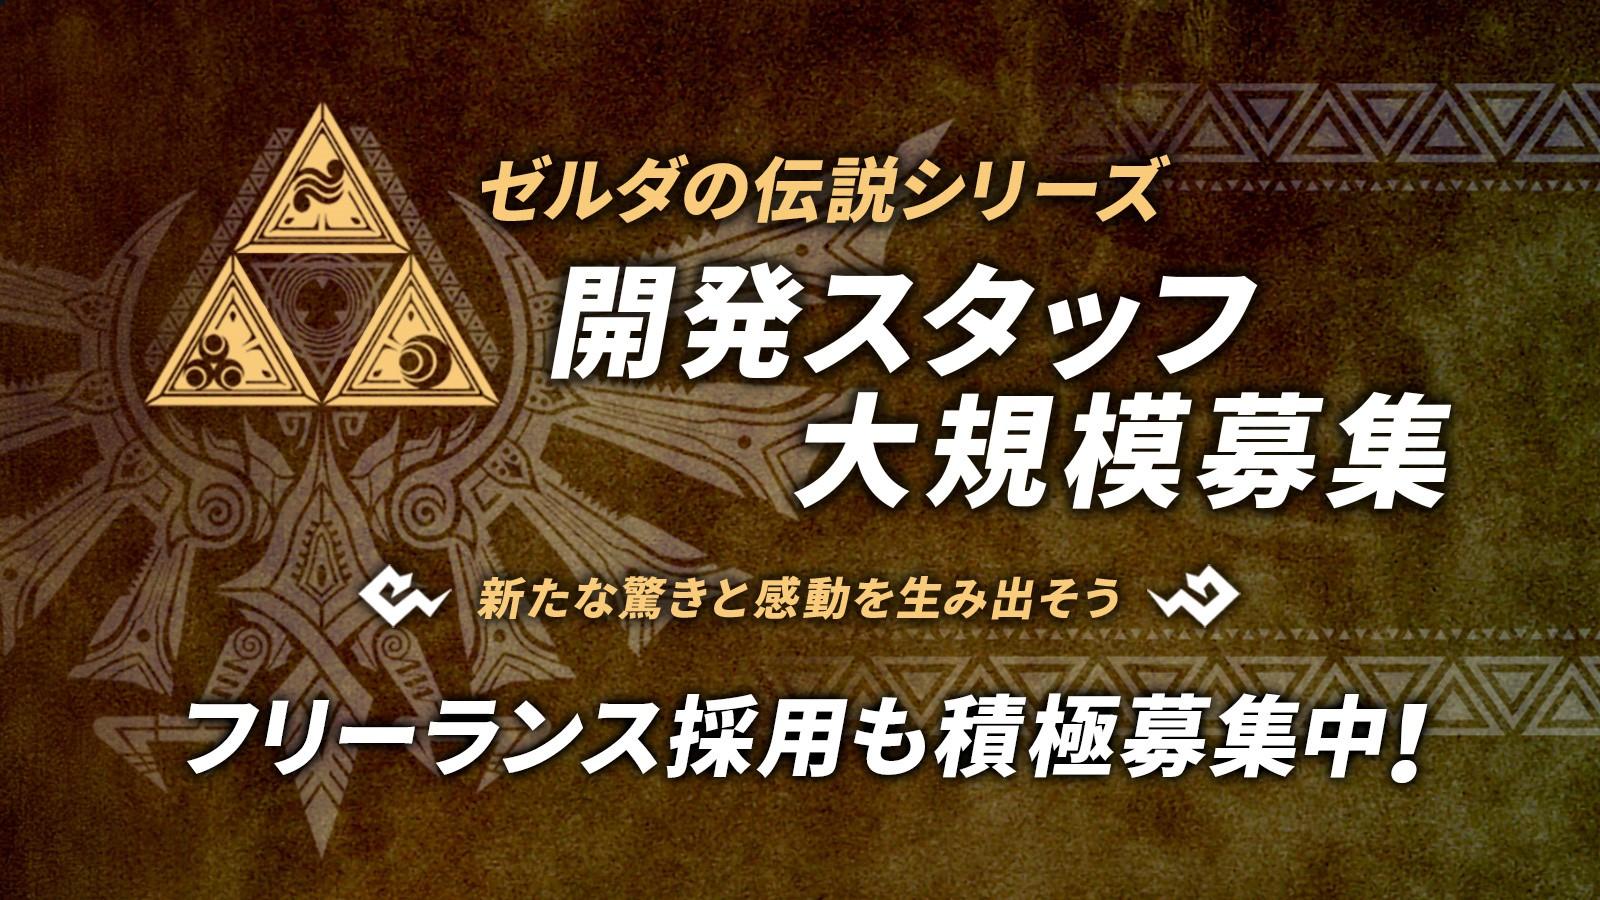 任天堂旗下的Monolith Soft又开始为《塞尔达传说》系列游戏大规模招募开发人员